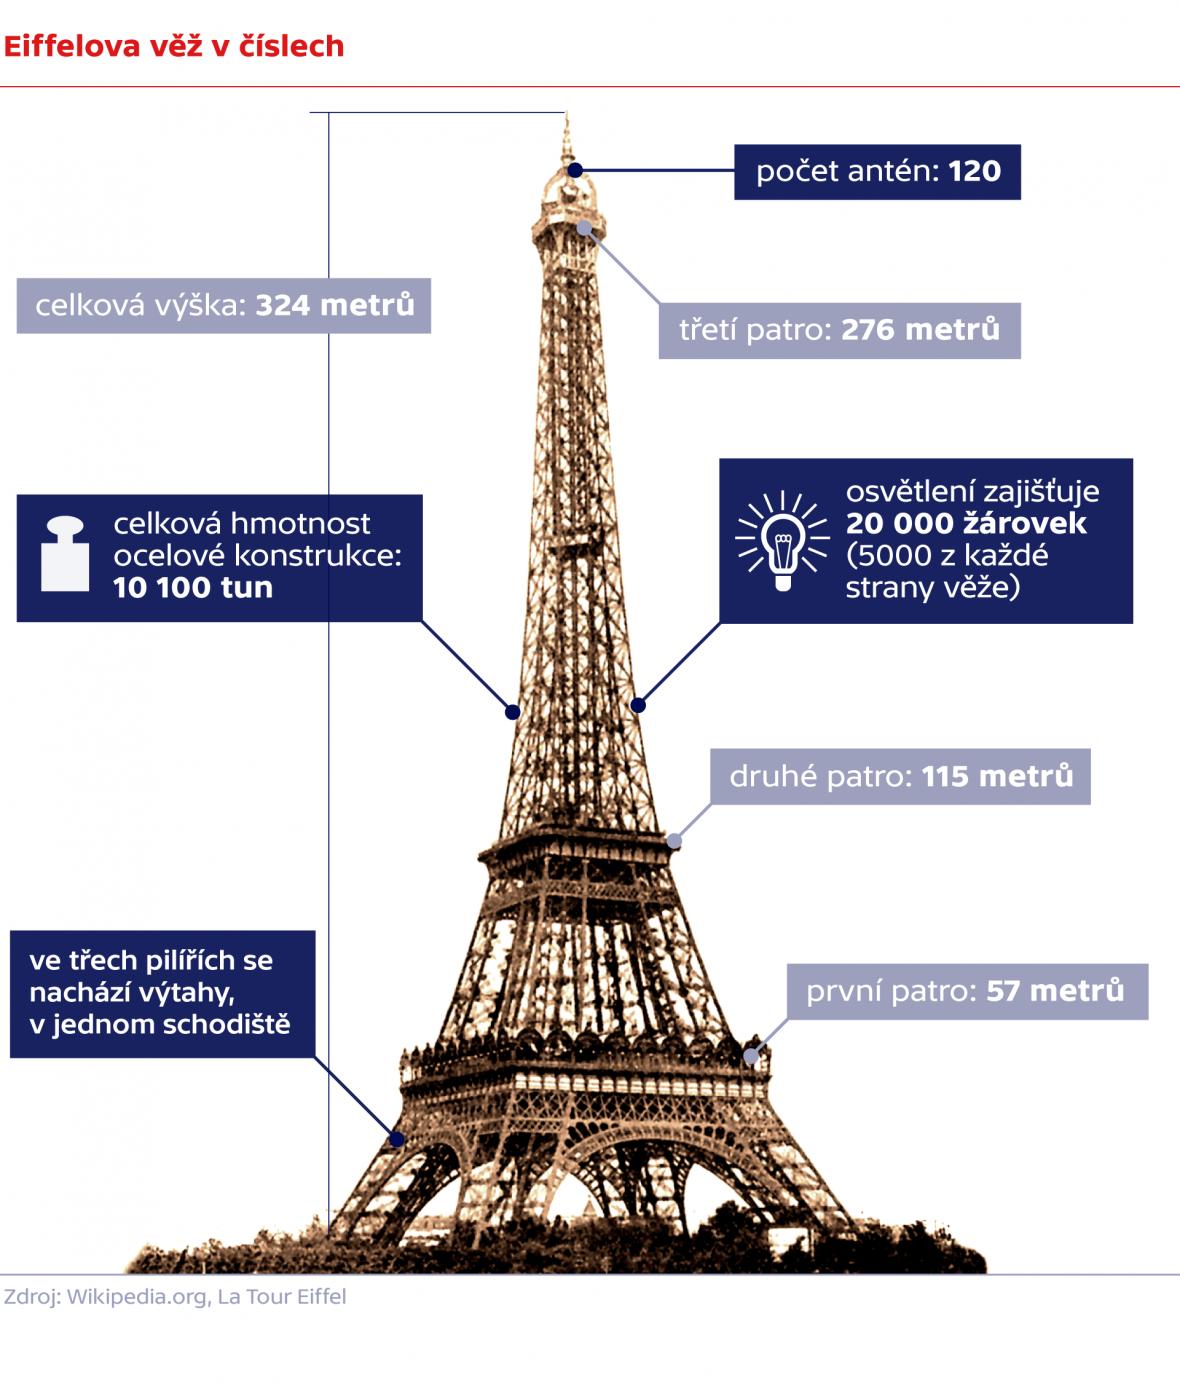 Eiffelova věž v číslech